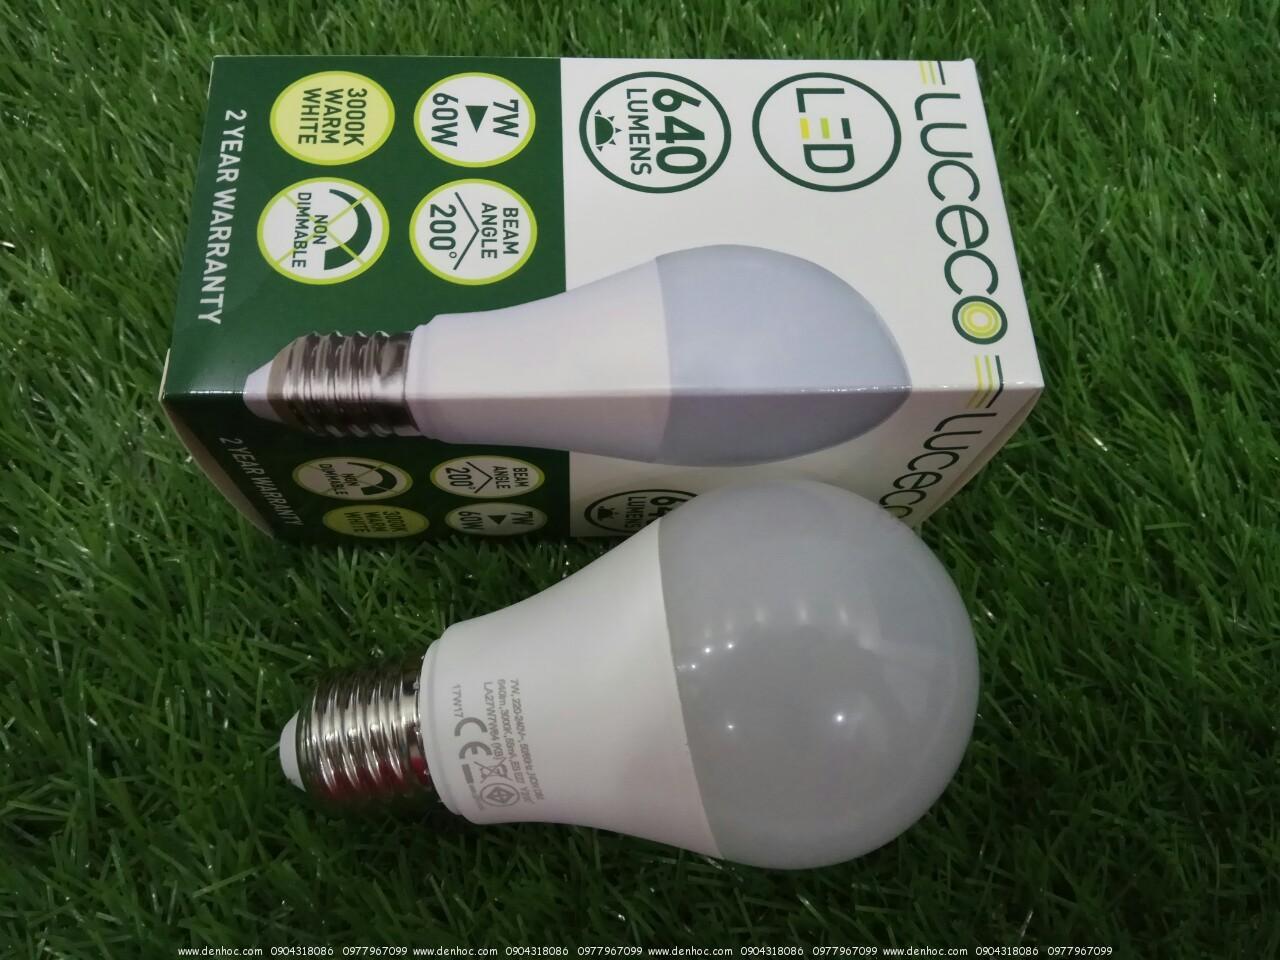 LED UK LUCECO 7W 640LUMEN